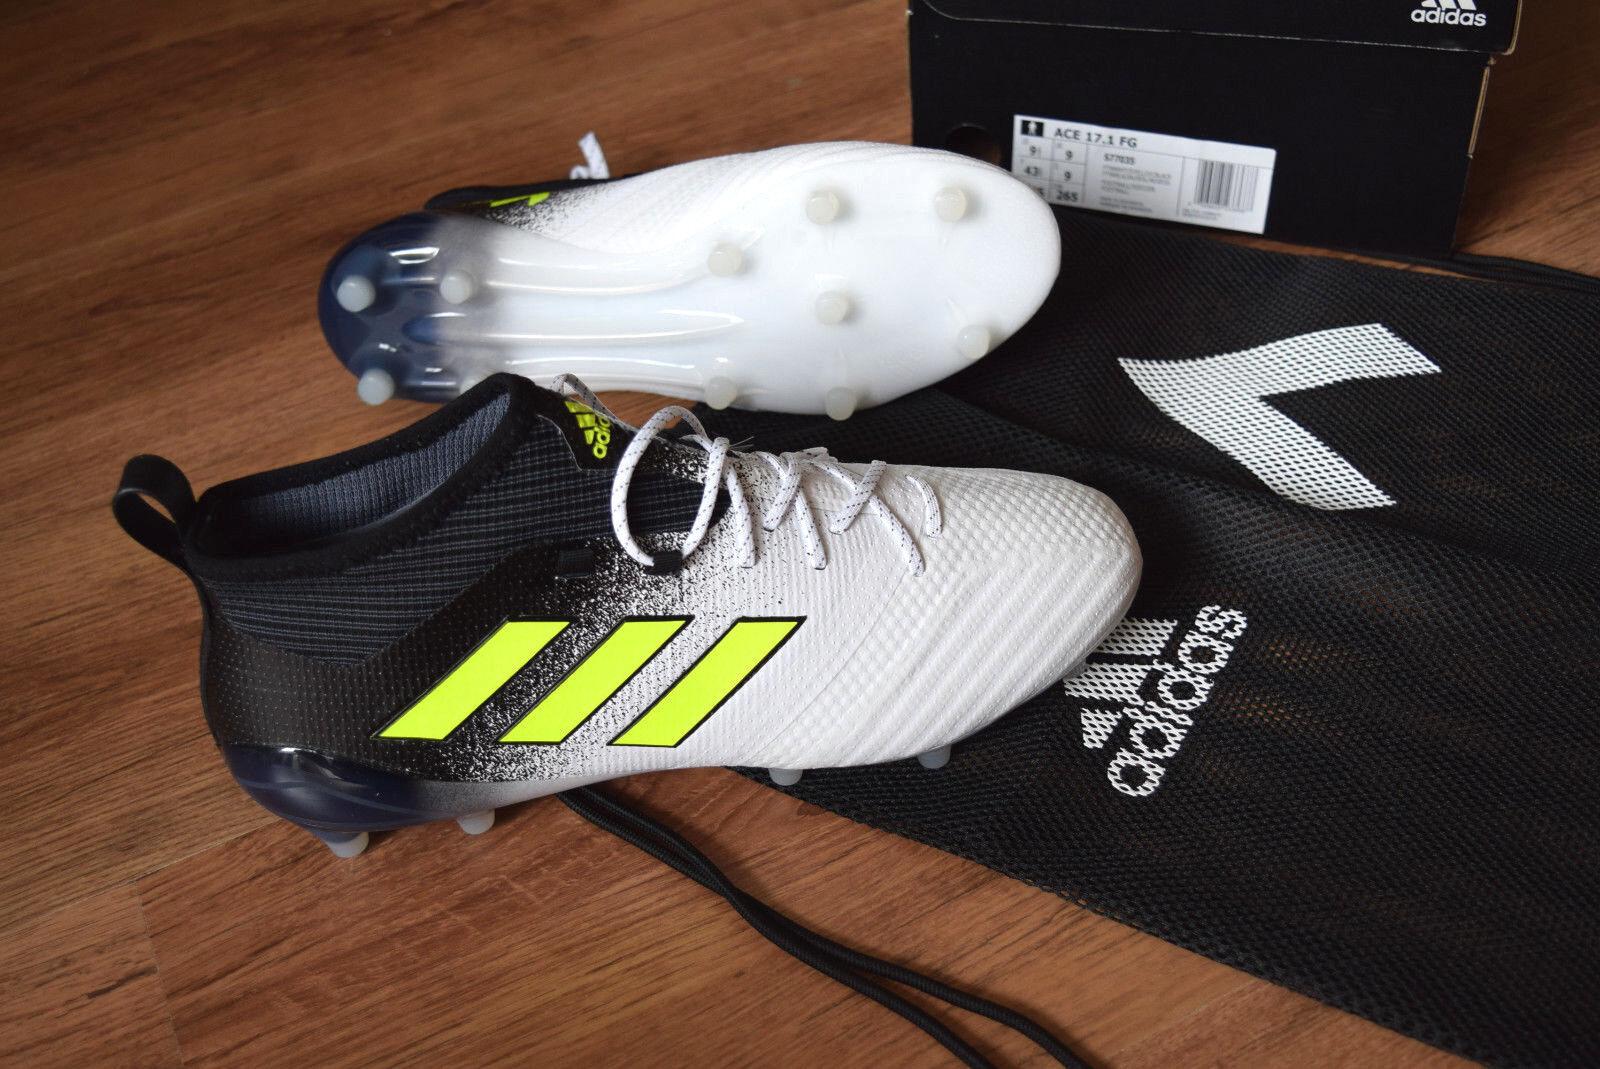 Adidas ACE 17.1 FG FG FG  41 42 42 5 43 44 45  S77041 Fußballschuhe protator 83e3e9